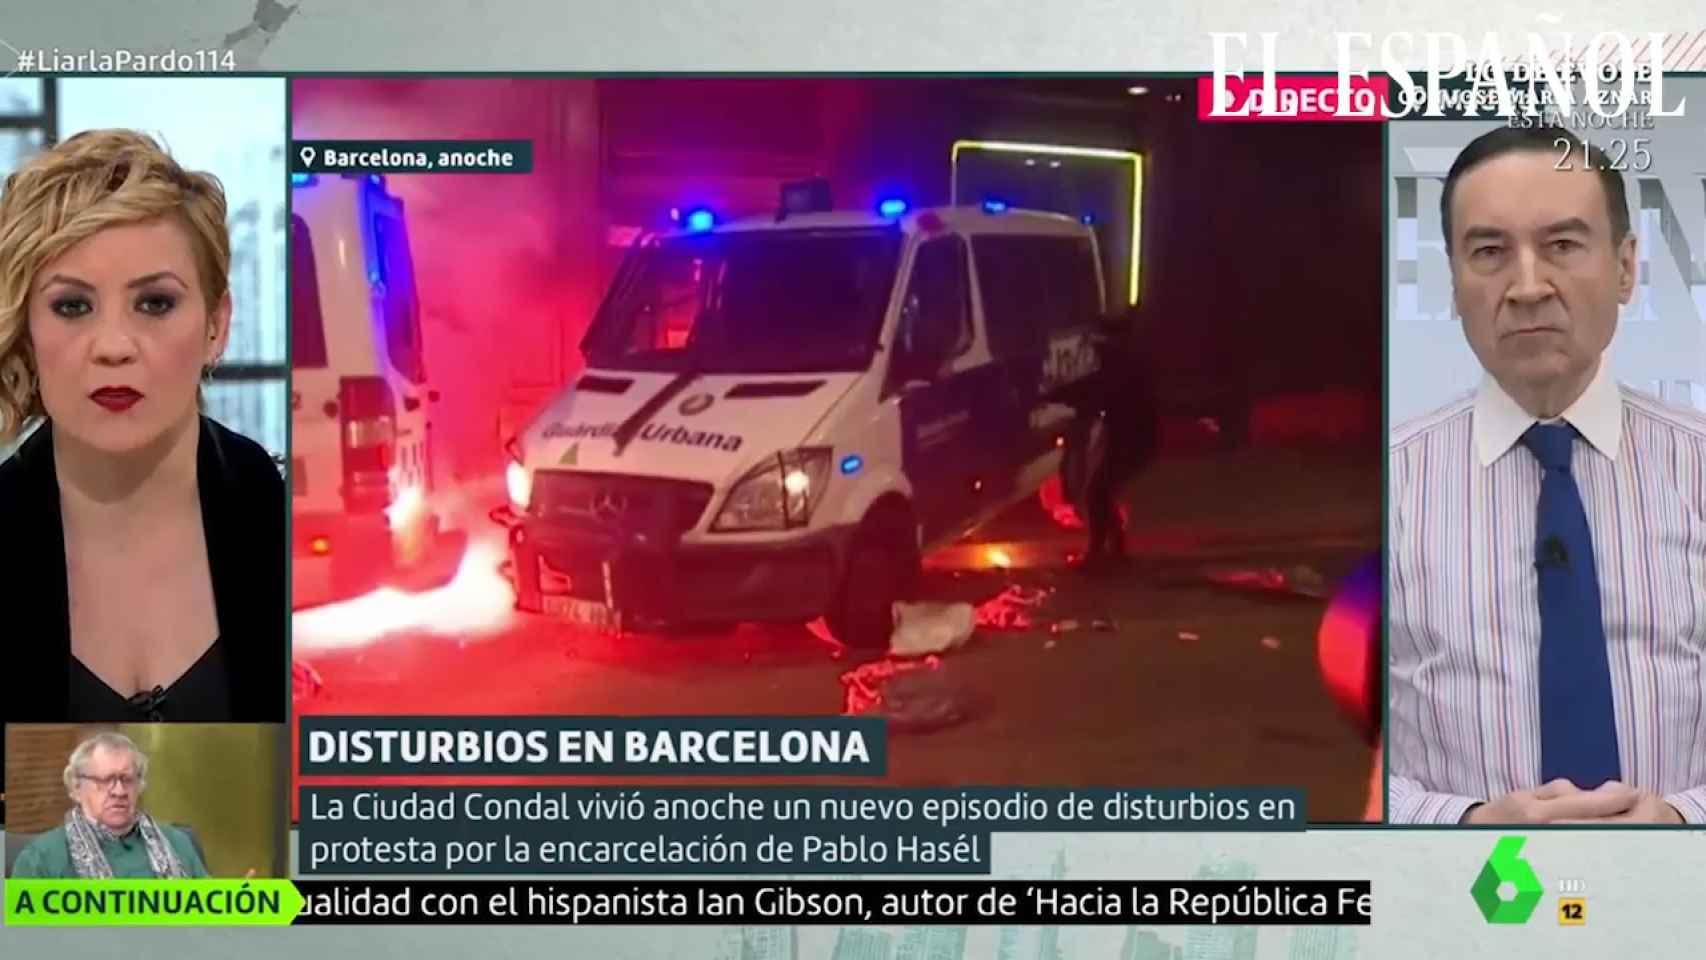 Pedro J. Ramírez en 'Liarla Pardo' sobre los disturbios en Cataluña